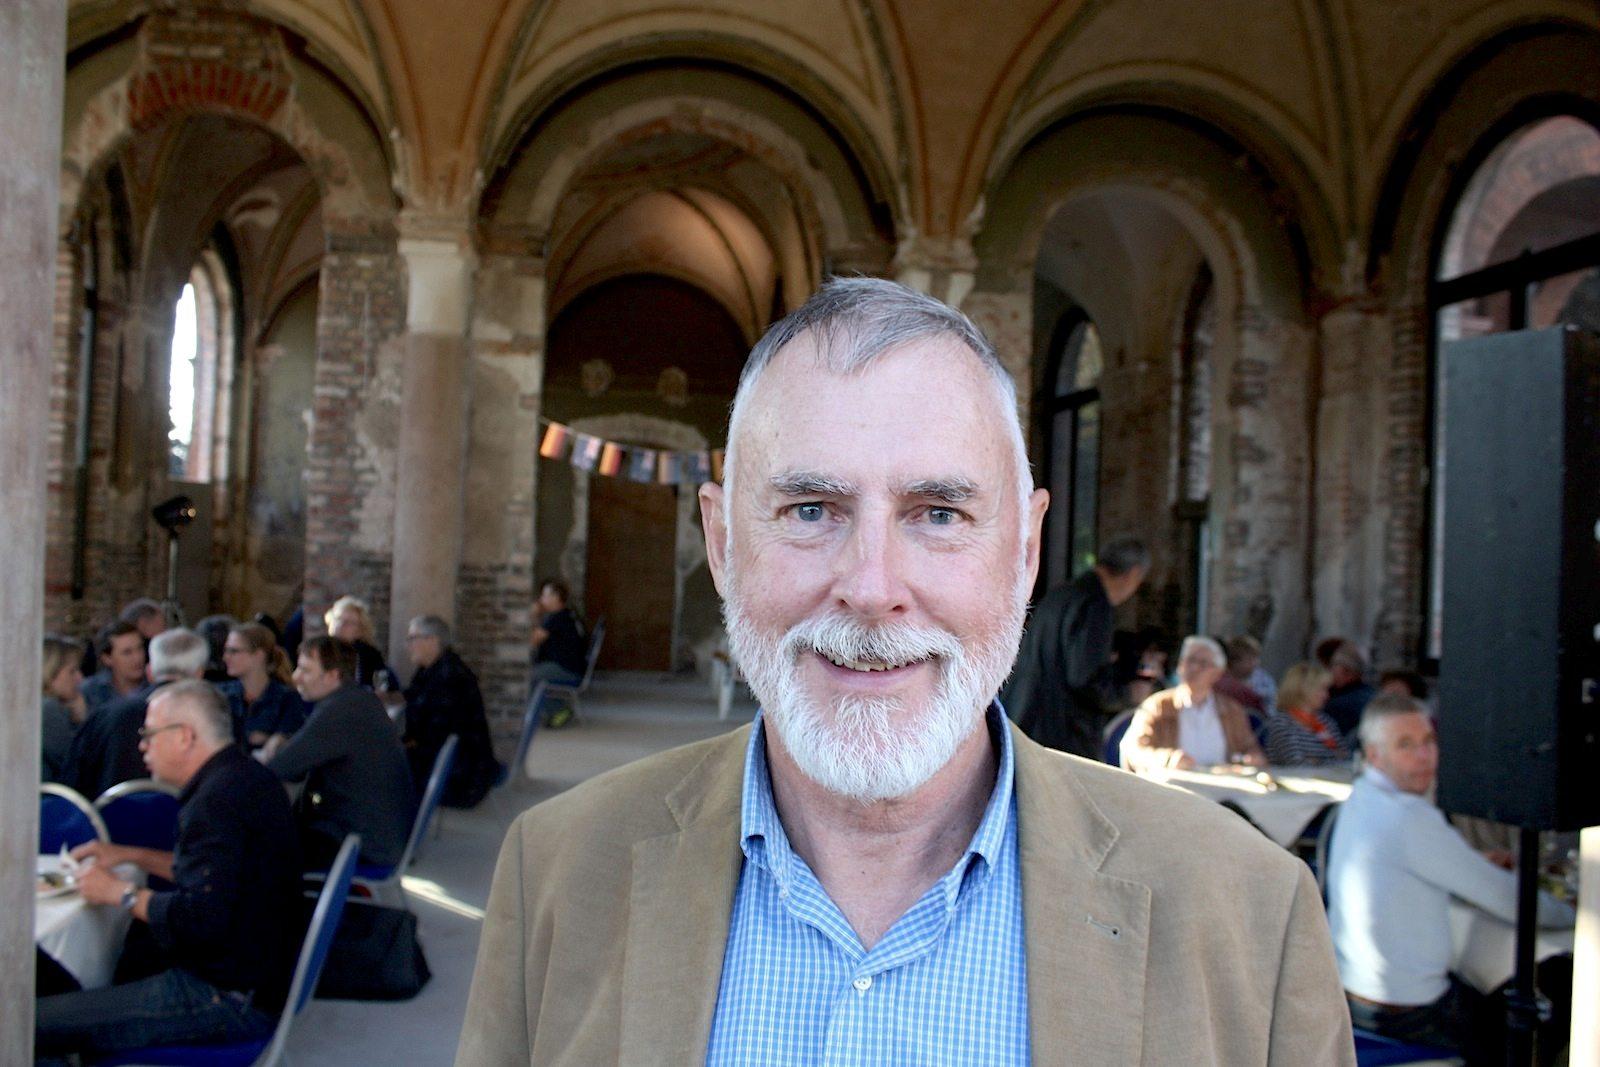 Peter Macky. Im Juli 2015. Der ehemalige Anwalt hat Jura an der Universität von Auckland, Neuseeland studiert. Er hat unter anderem in Paris und London gelebt. Seit einigen Jahren ist er Mitbetreiber von Easy Cycling Tours, einem Anbieter für Fahrradtouren in und um Berlin.